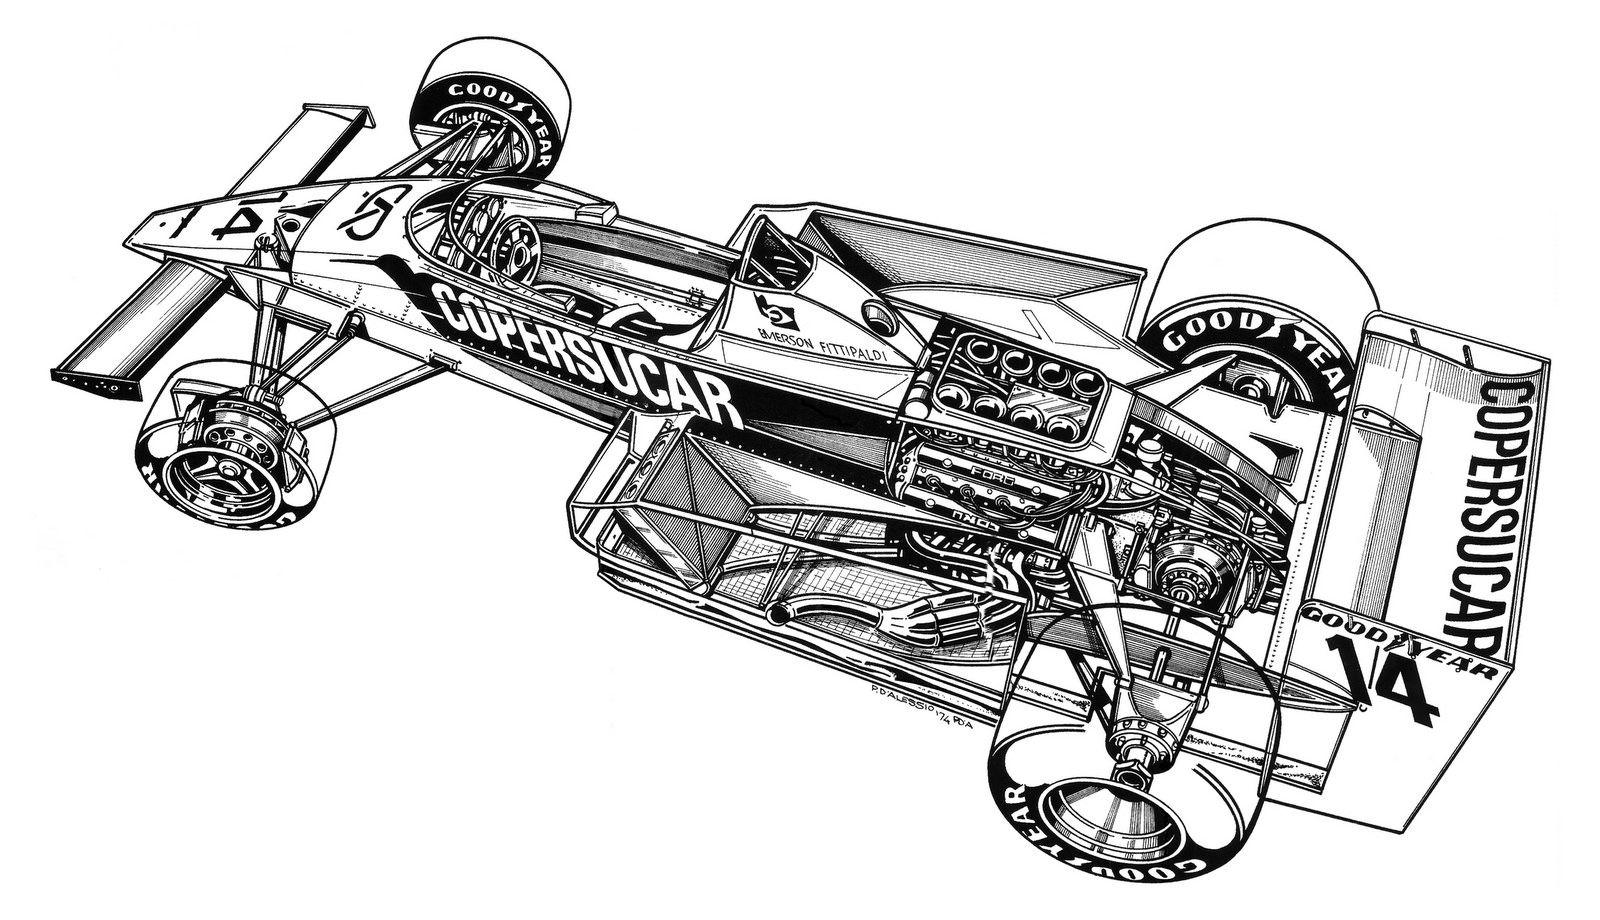 V8 Engine Cutaway Diagram